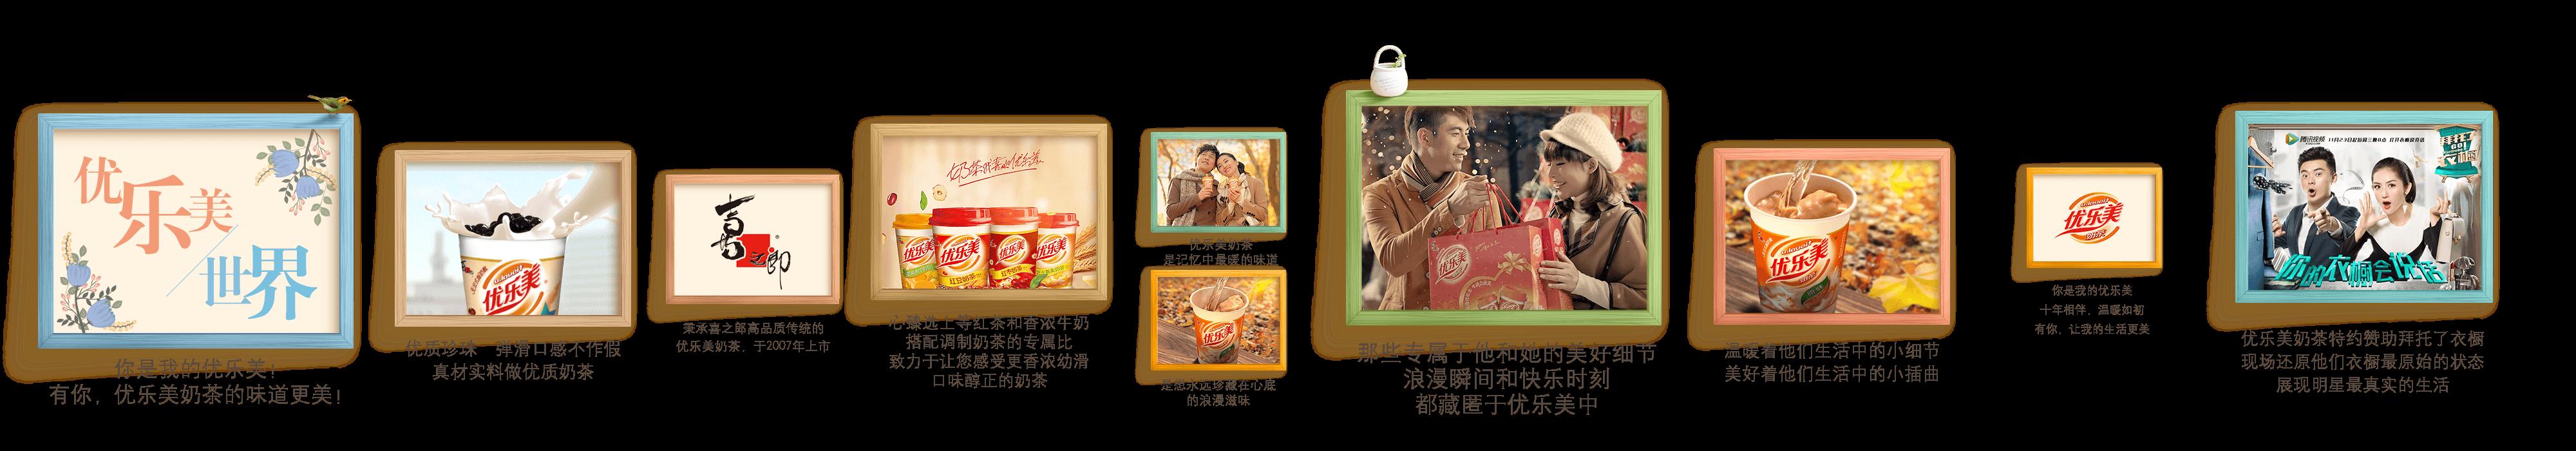 黄金城老网站